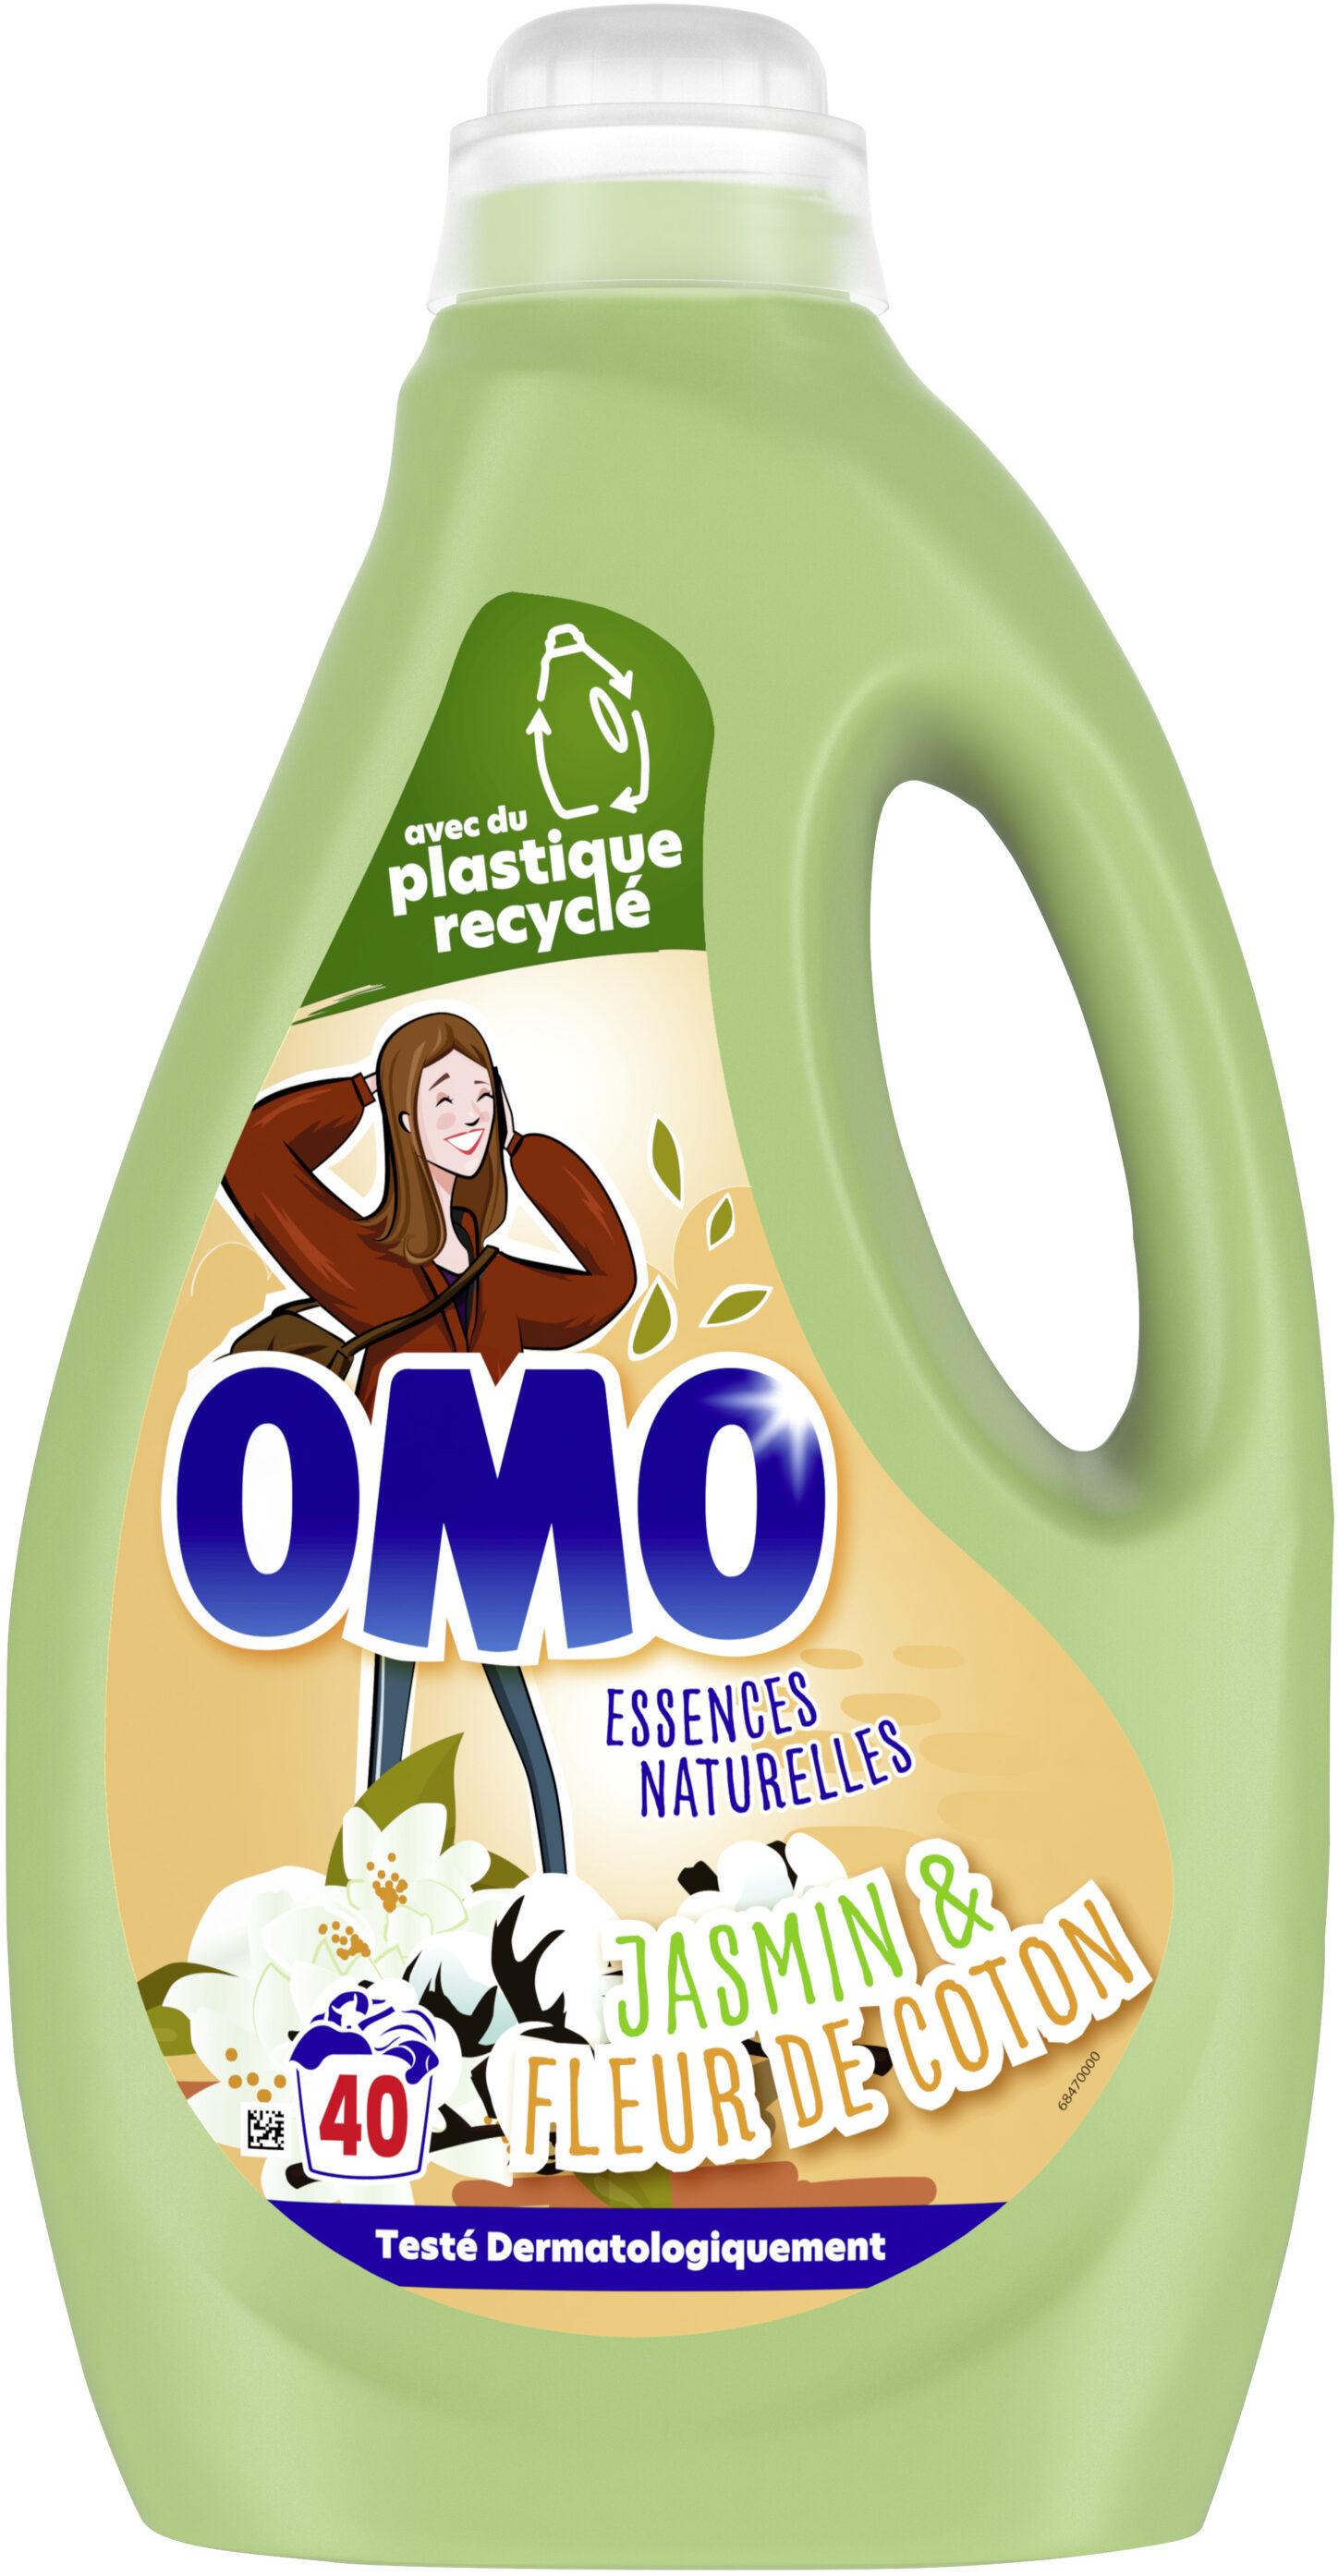 Omo Lessive Liquide Jasmin & Fleur de Coton 40 Lavages - 2l - Product - fr